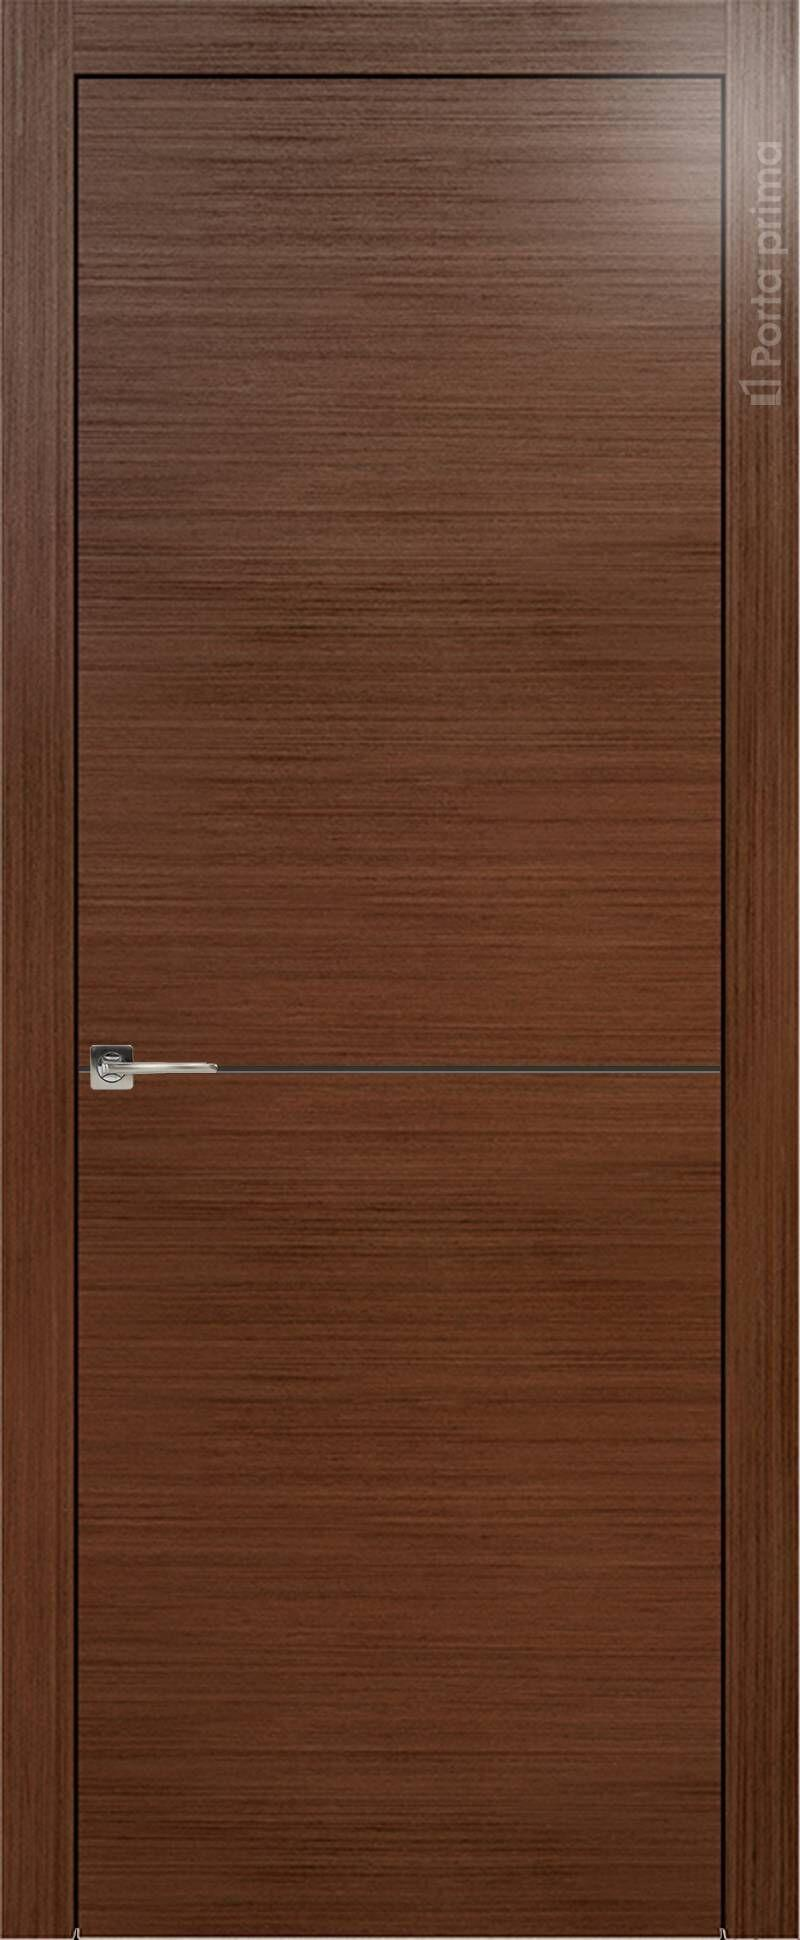 Tivoli Б-2 цвет - Темный орех Без стекла (ДГ)